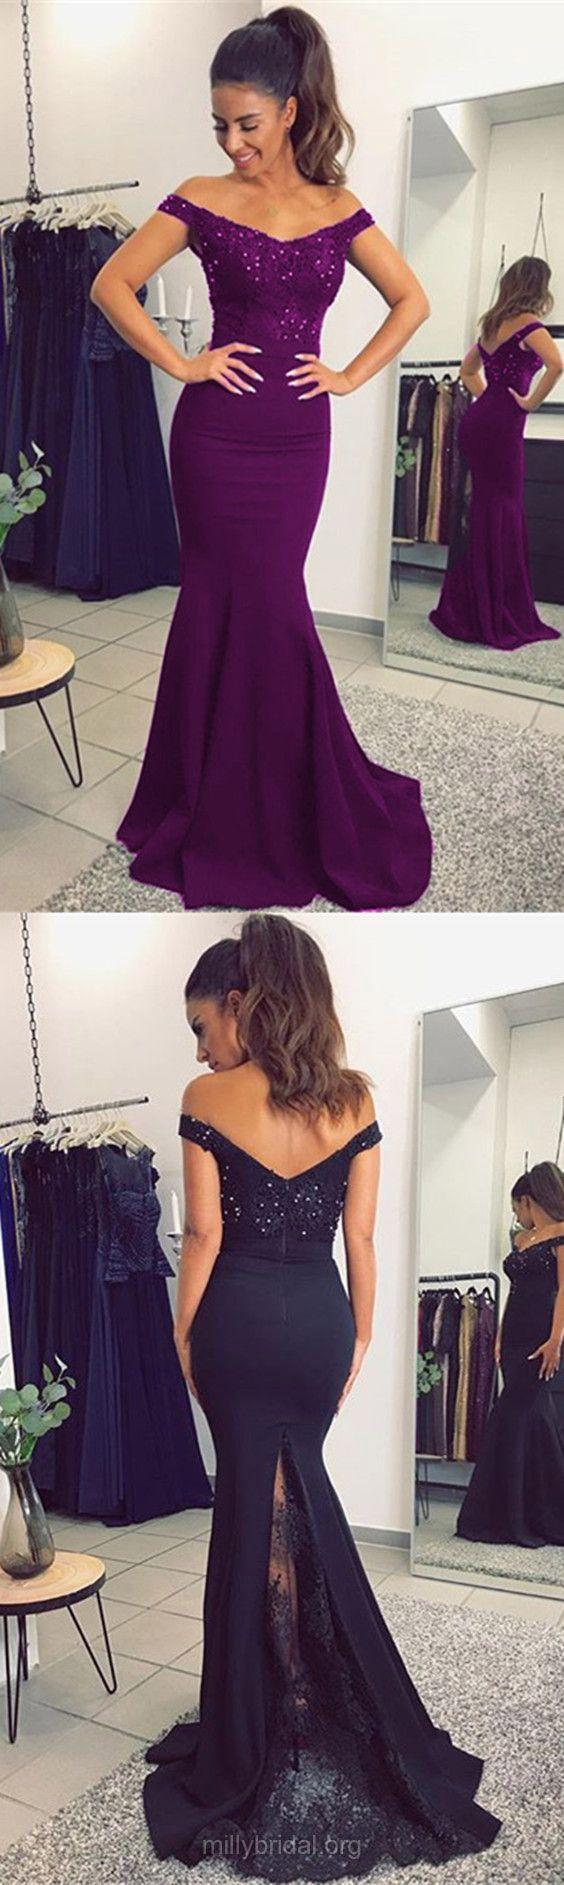 best elegante rober images on pinterest prom dresses senior